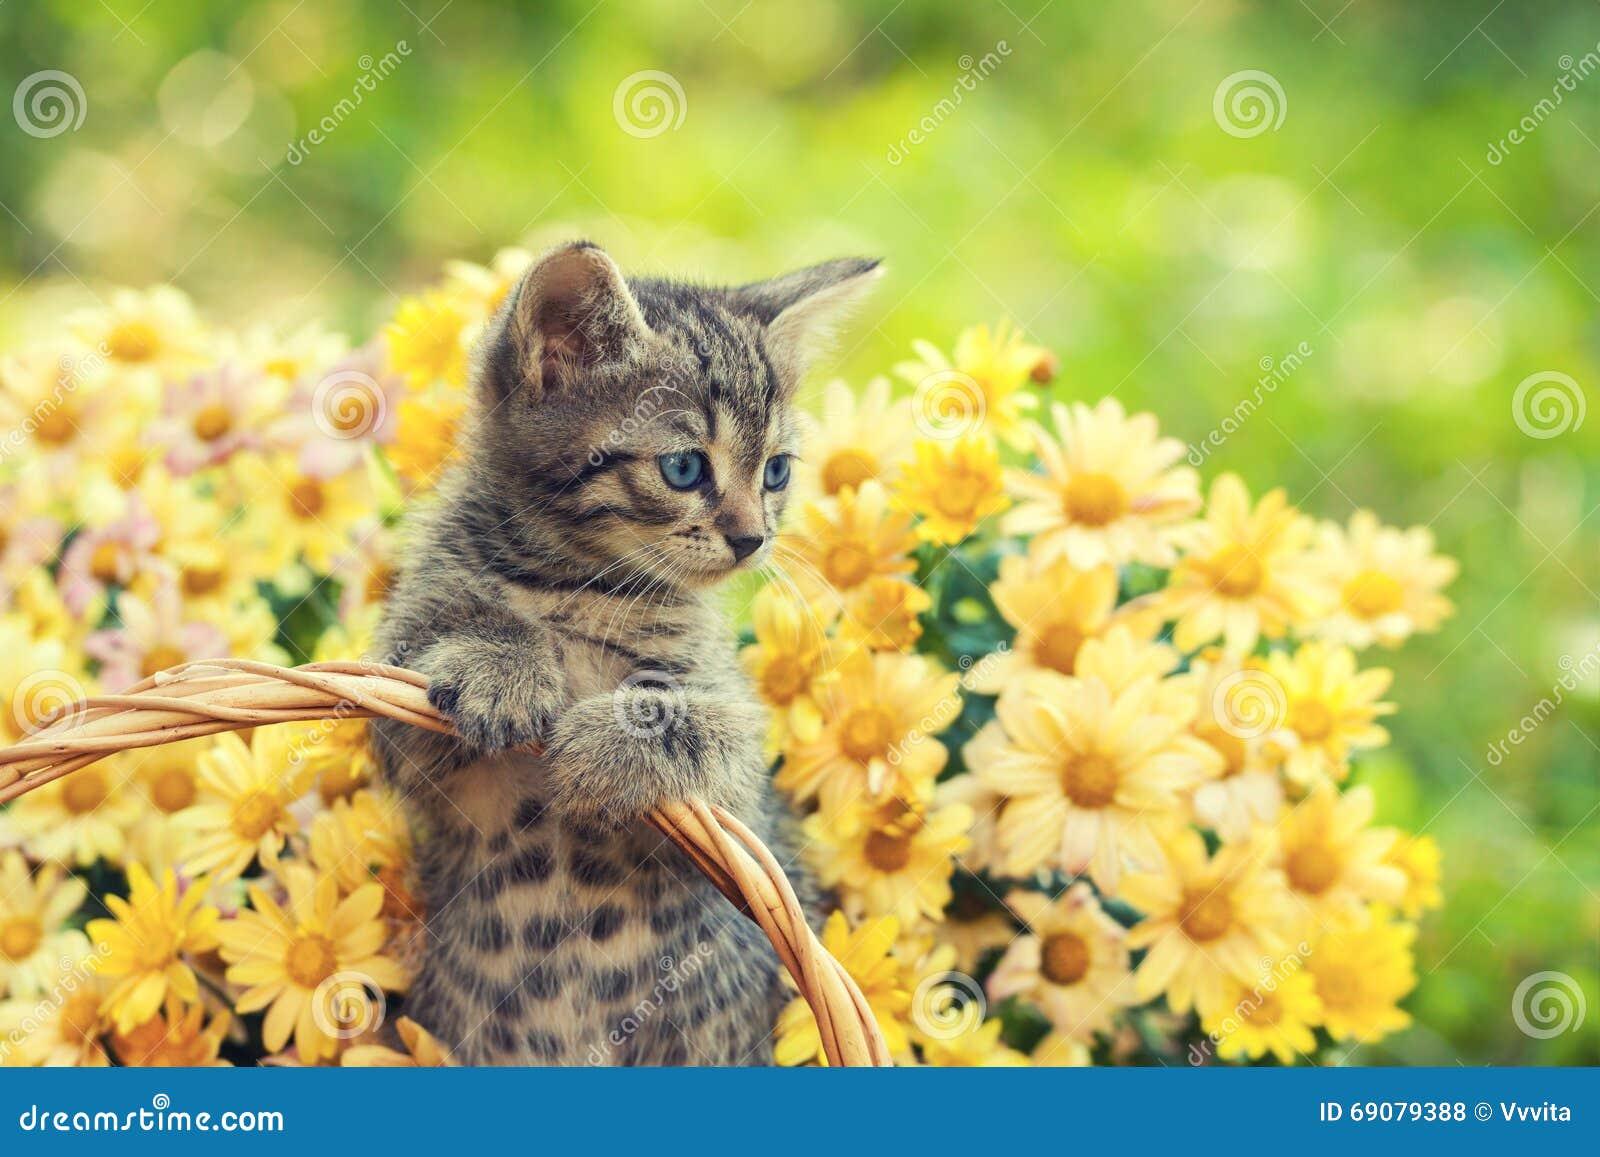 Γατάκι στον κήπο με τα λουλούδια